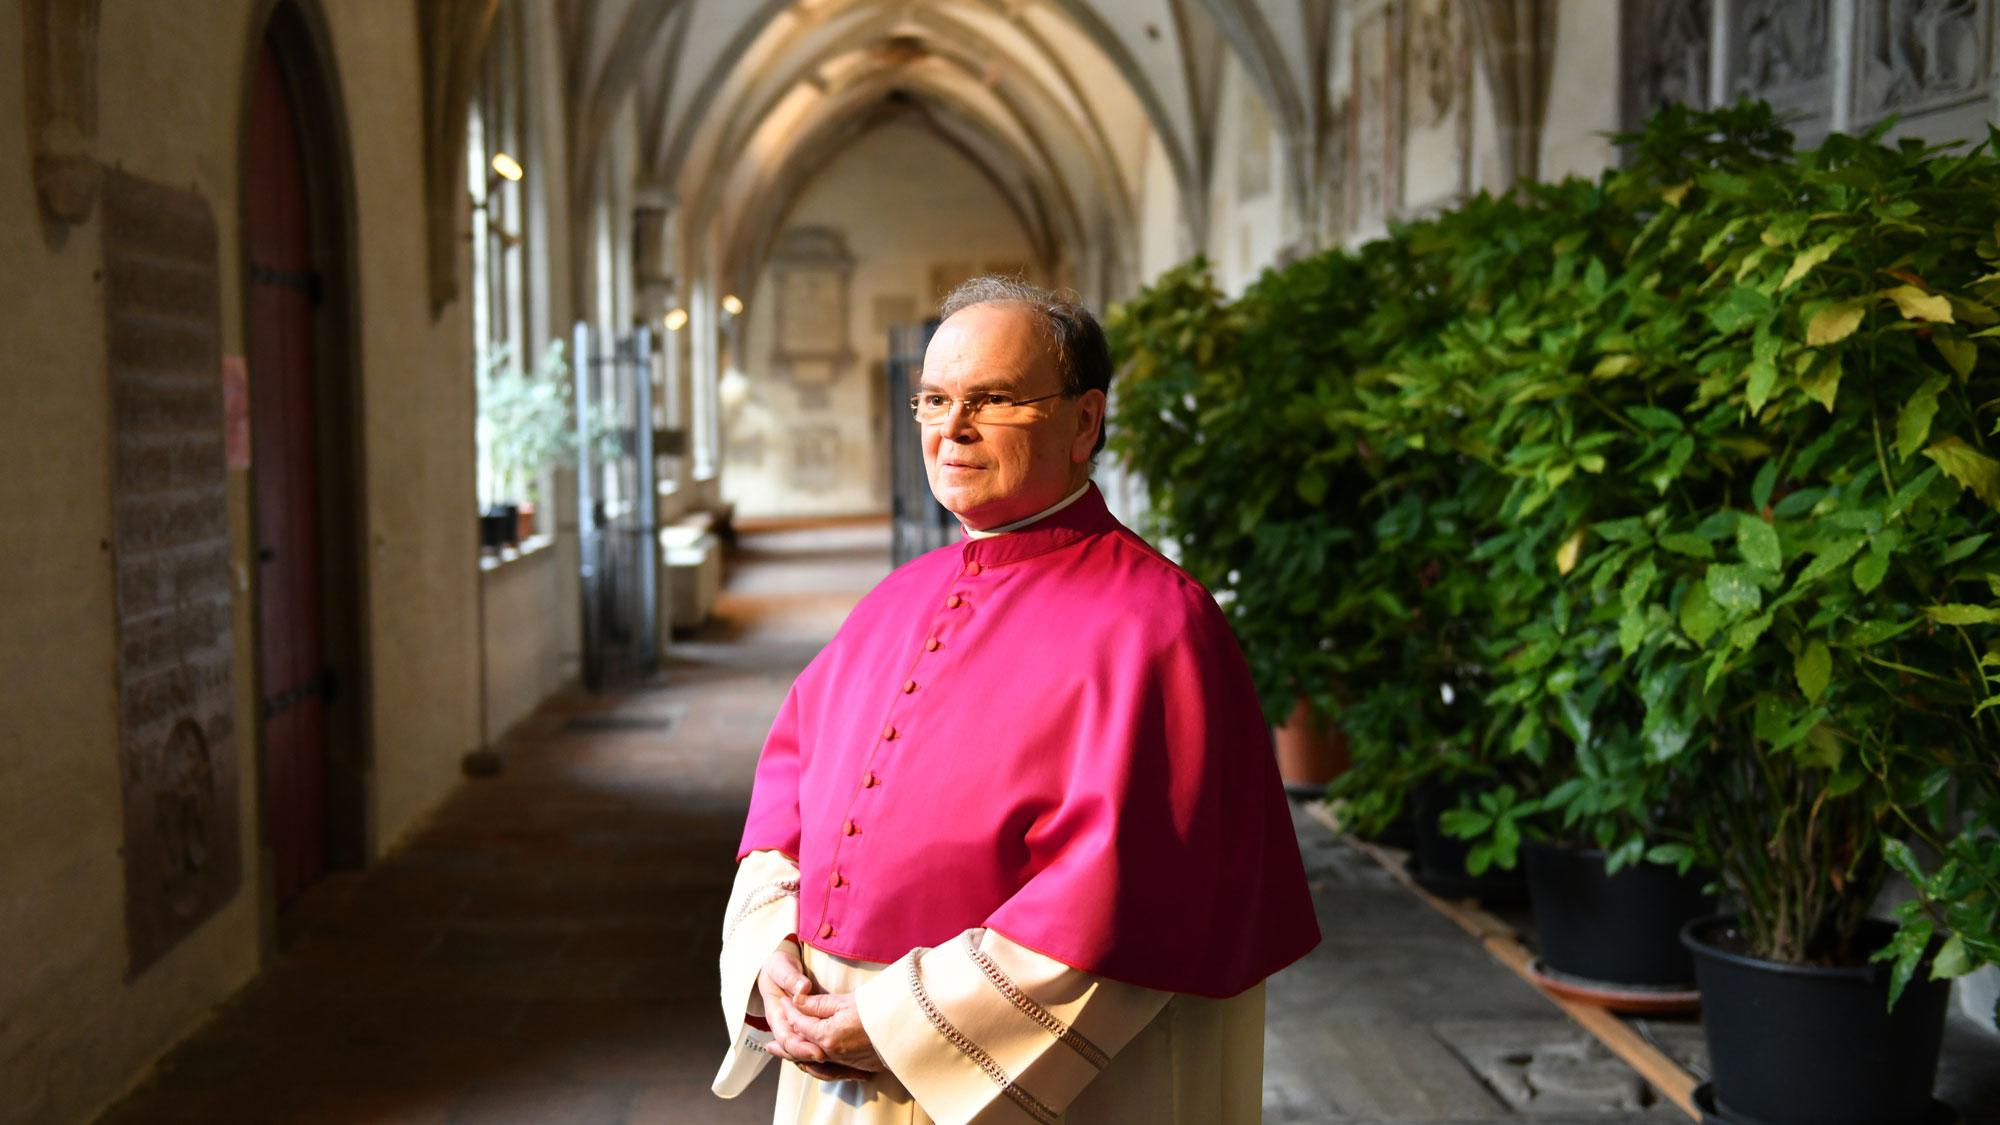 Der neu ernannte Bischof von Augsburg, Diözesanadministrator Prälat Dr. Bertram Meier (Foto: Nicolas Schnall / pba)